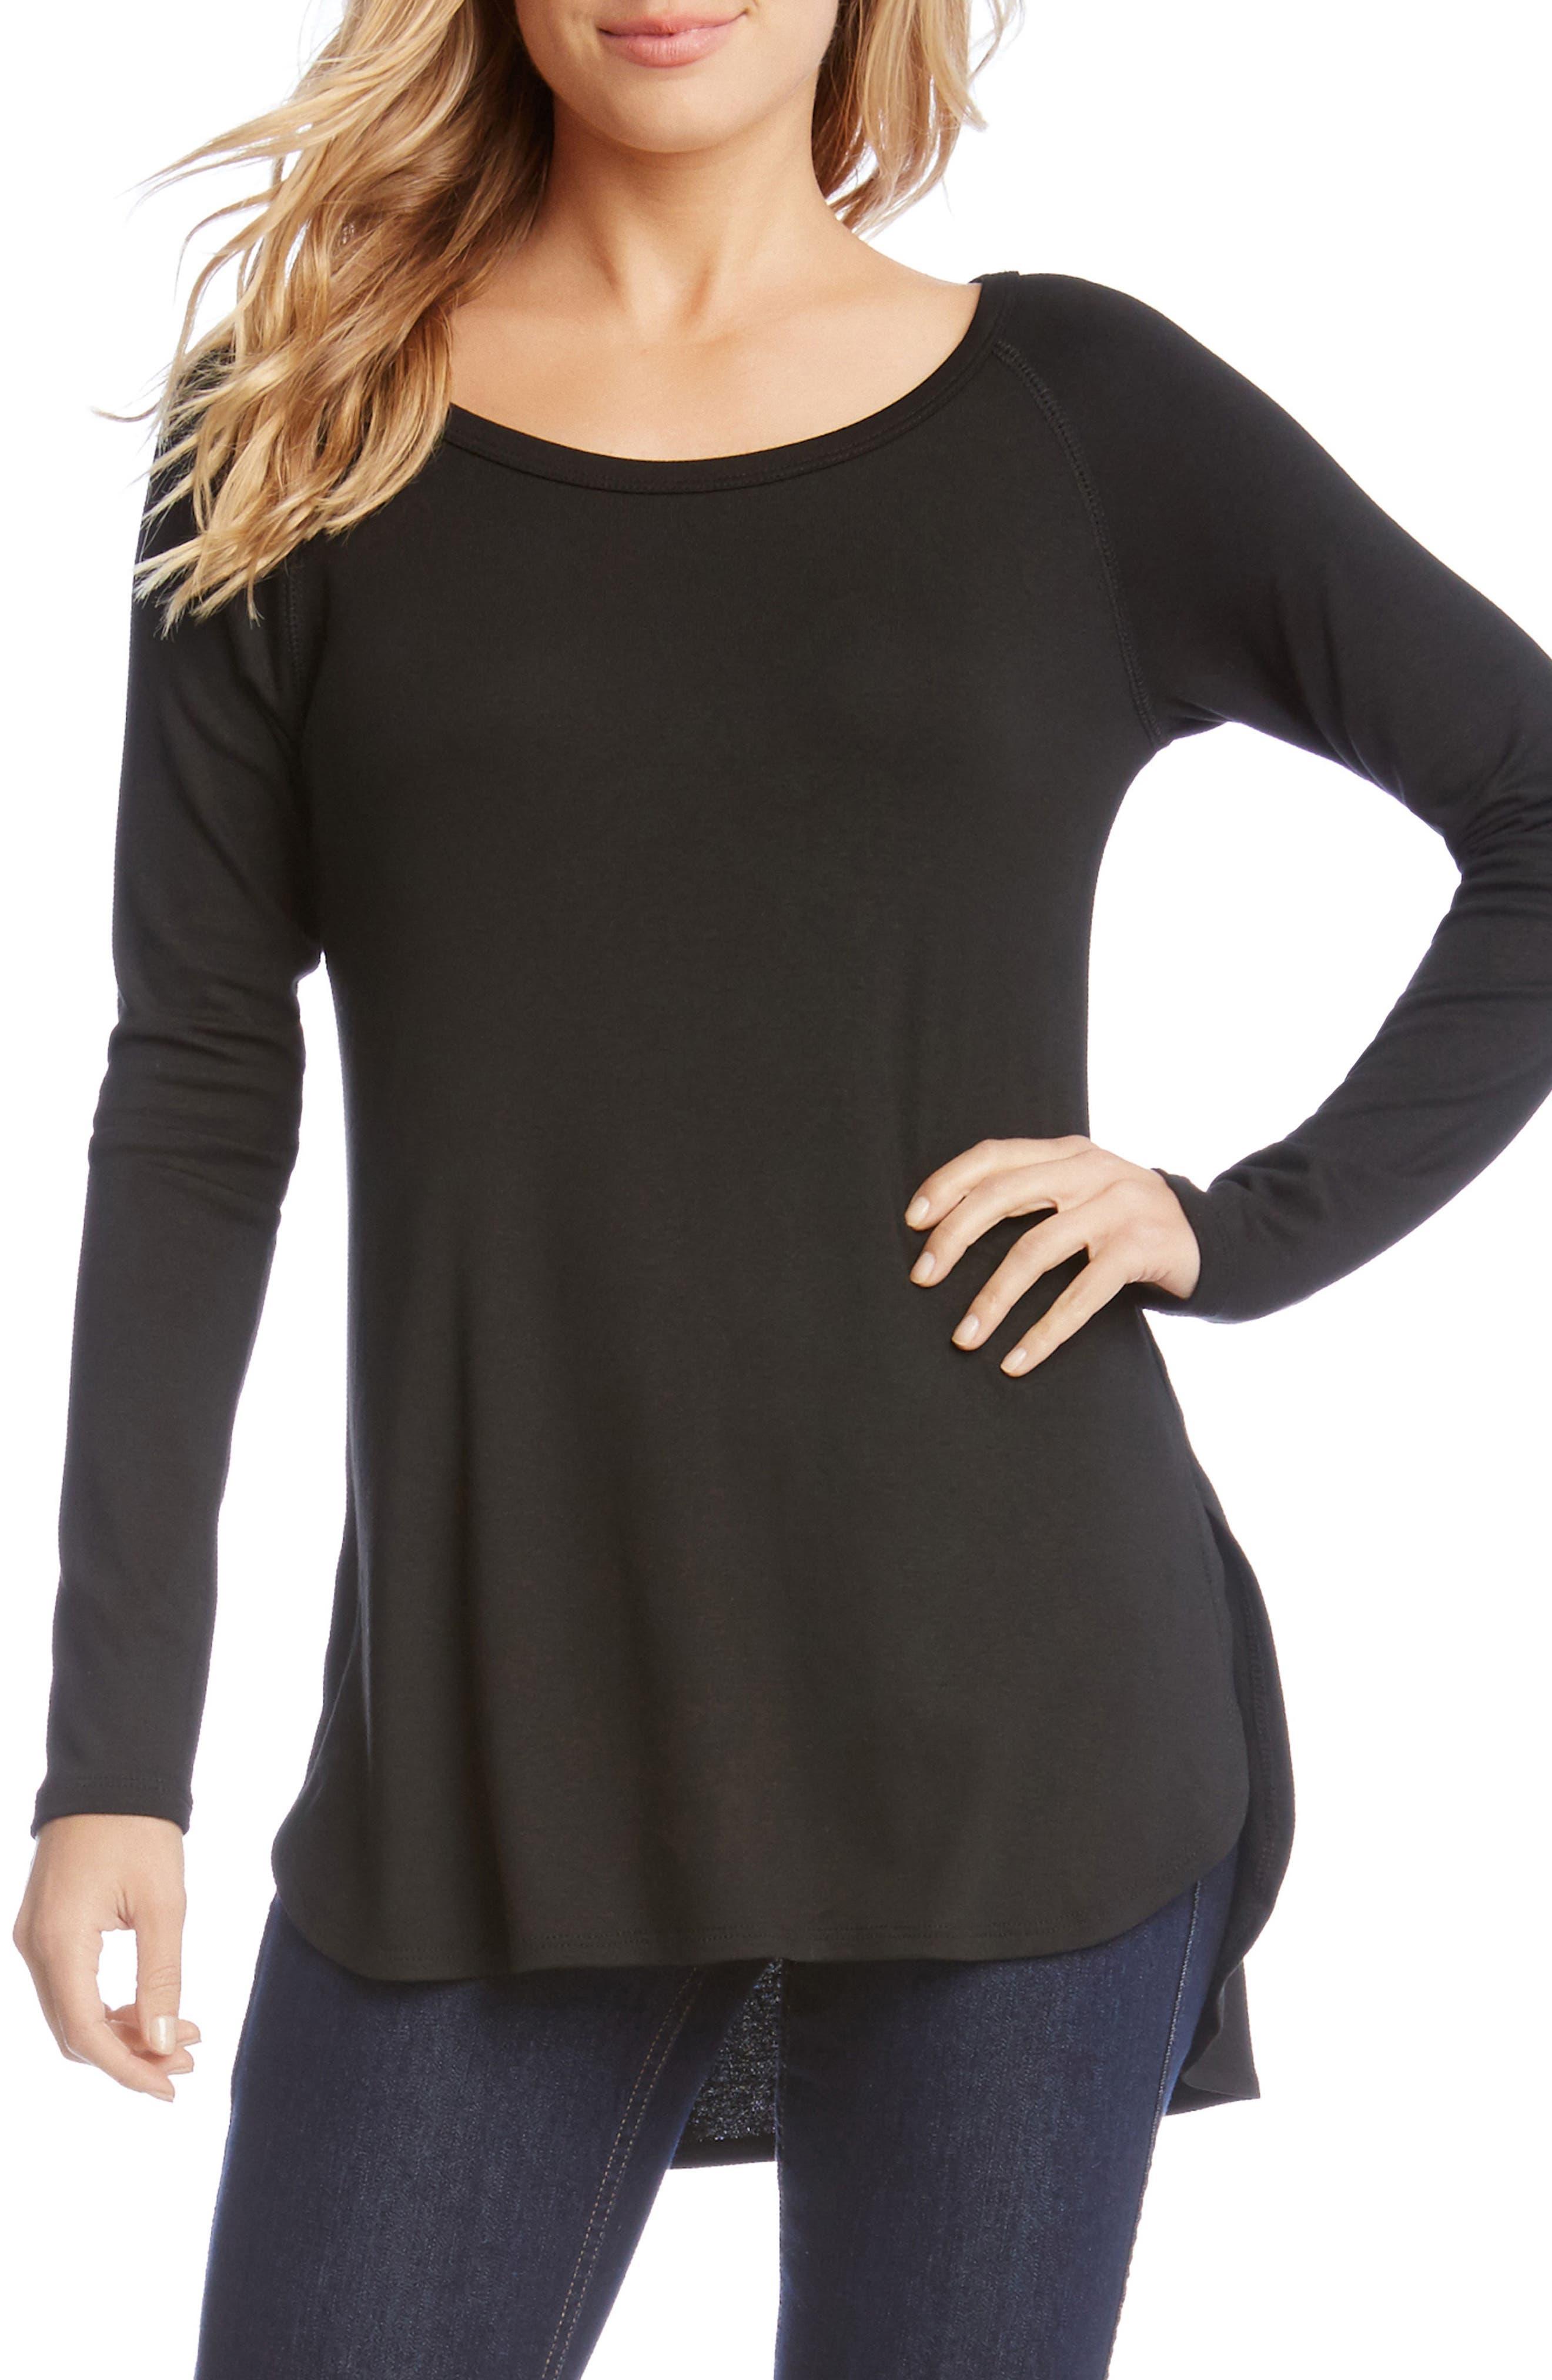 Alternate Image 1 Selected - Karen Kane Shirttail Hem Long Sleeve Tee